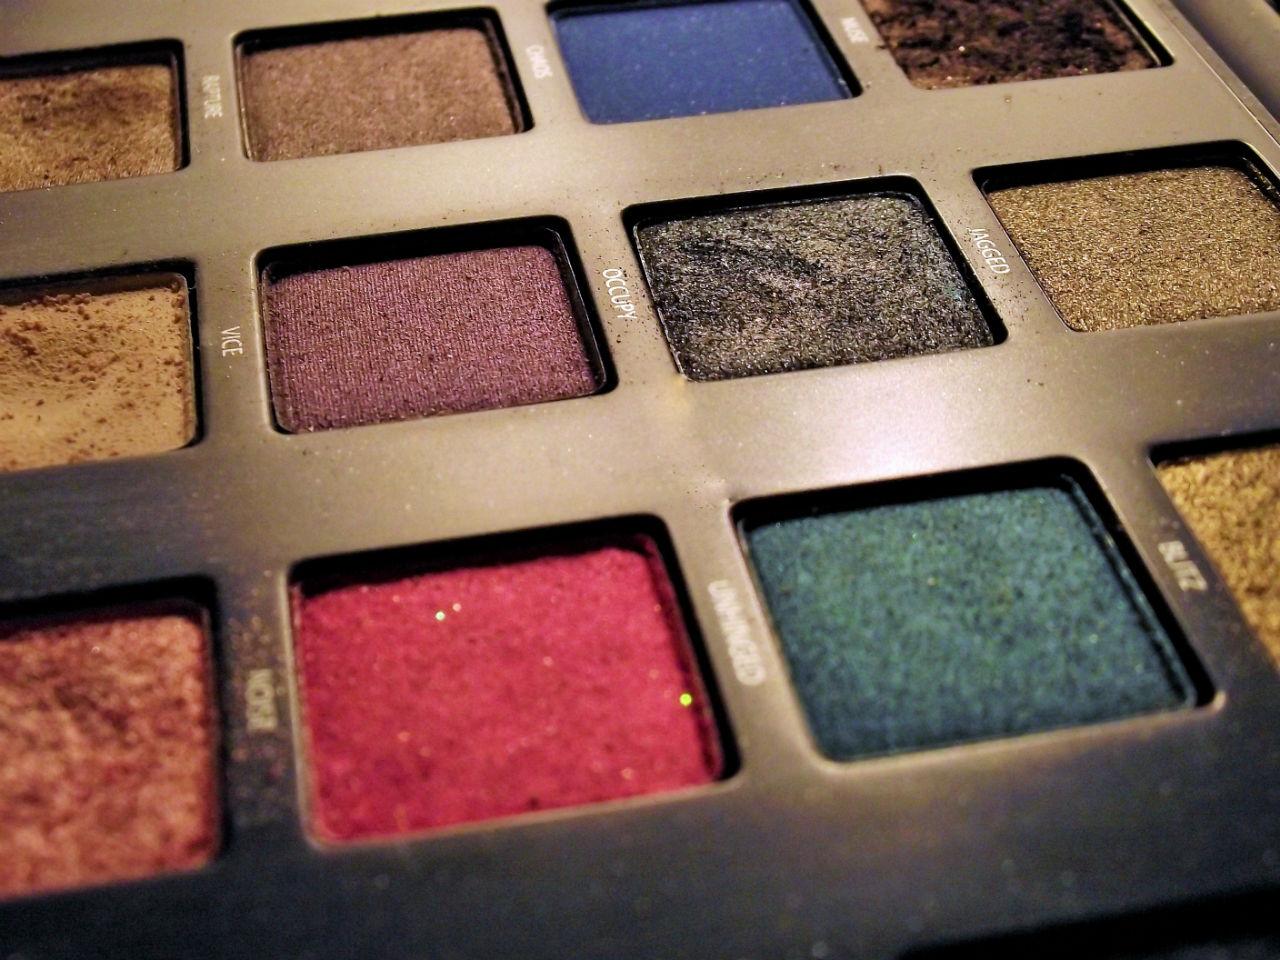 Comment bien choisir les couleurs sur ma palette de - Meilleure palette maquillage ...